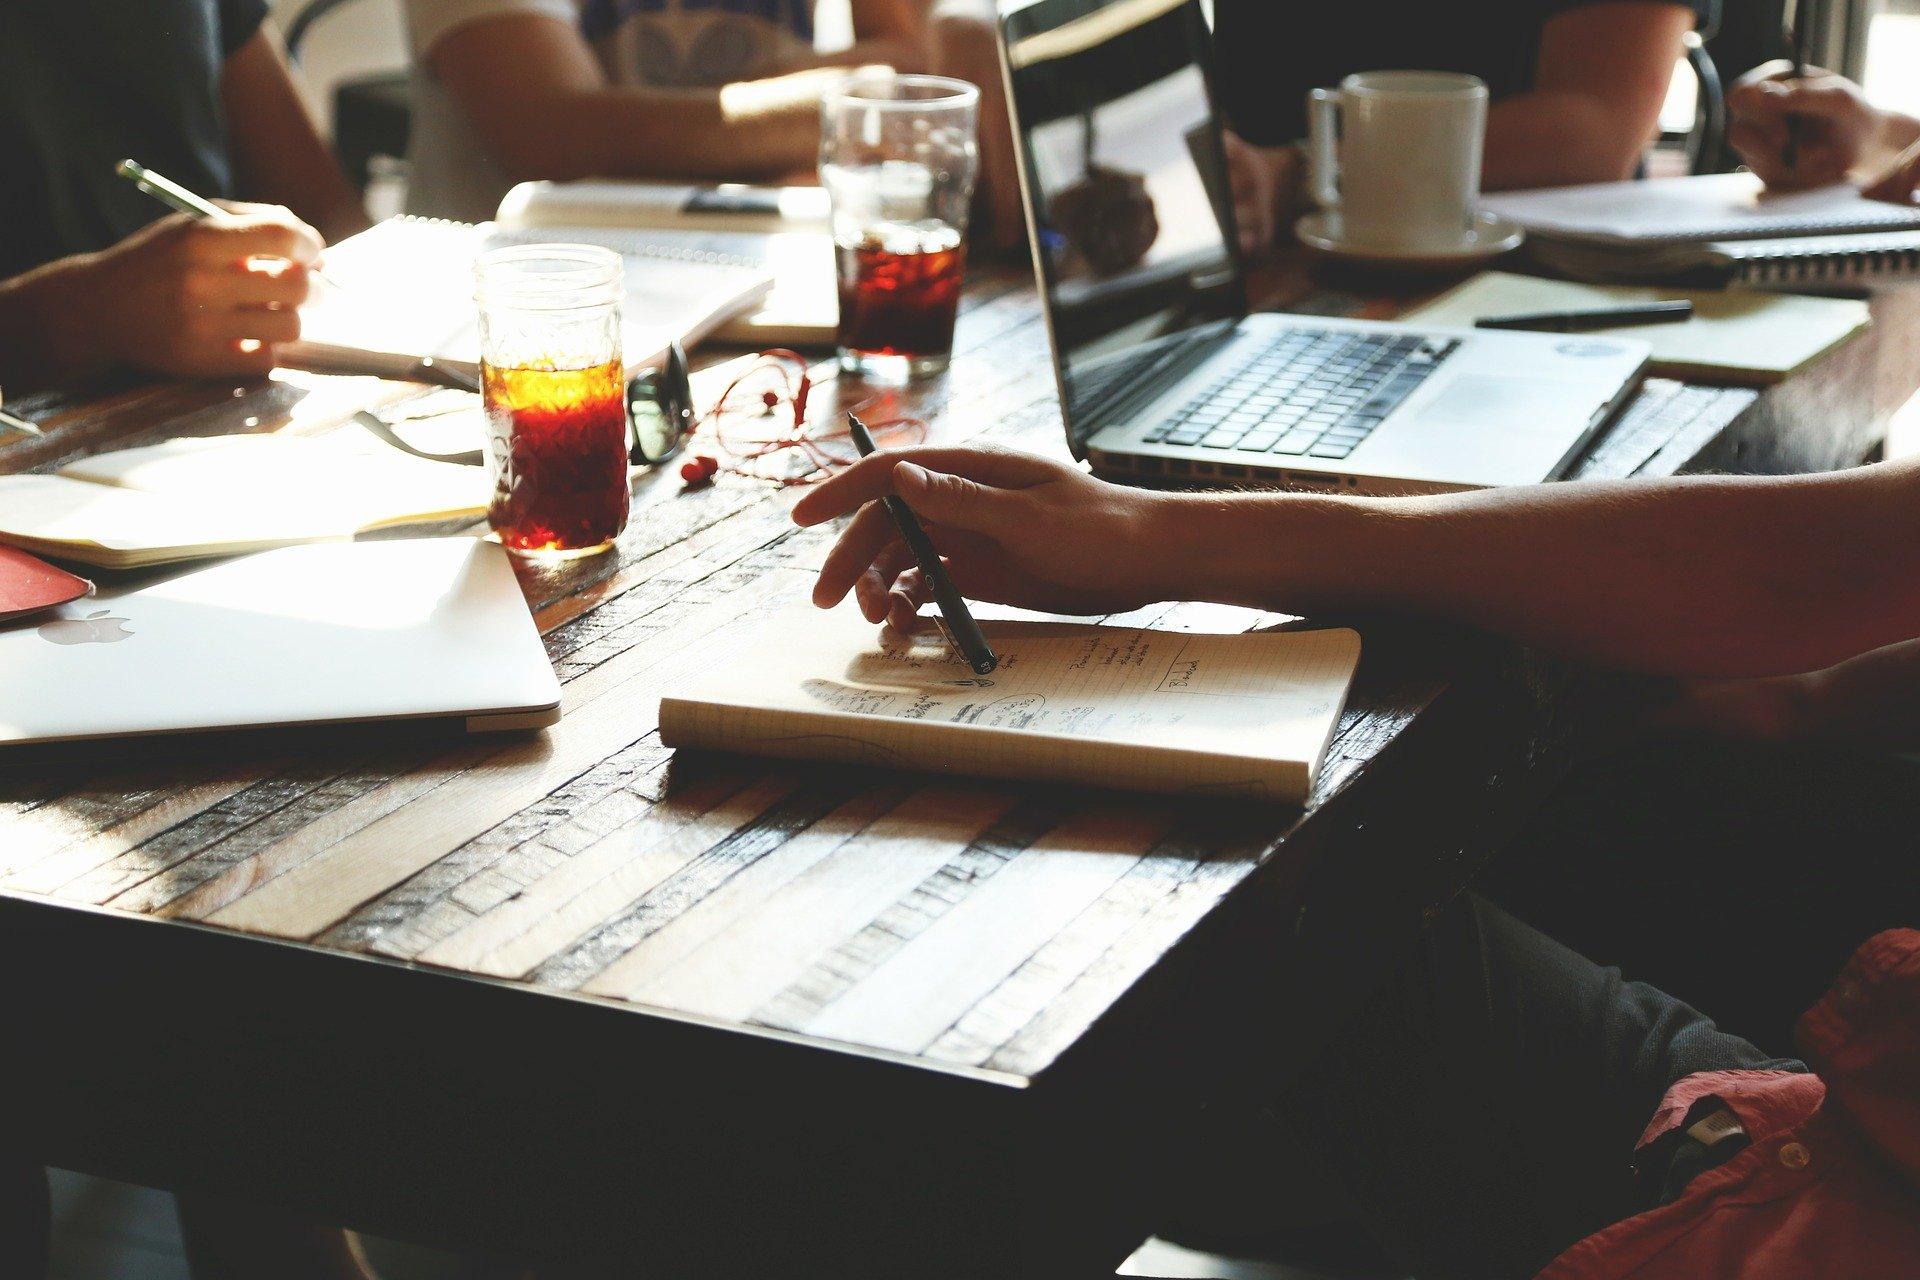 """Przedsiębiorcy zainteresowani inwestowaniem w start-upy. """"Klienci mówią, że to droga do bycia milionerem"""""""